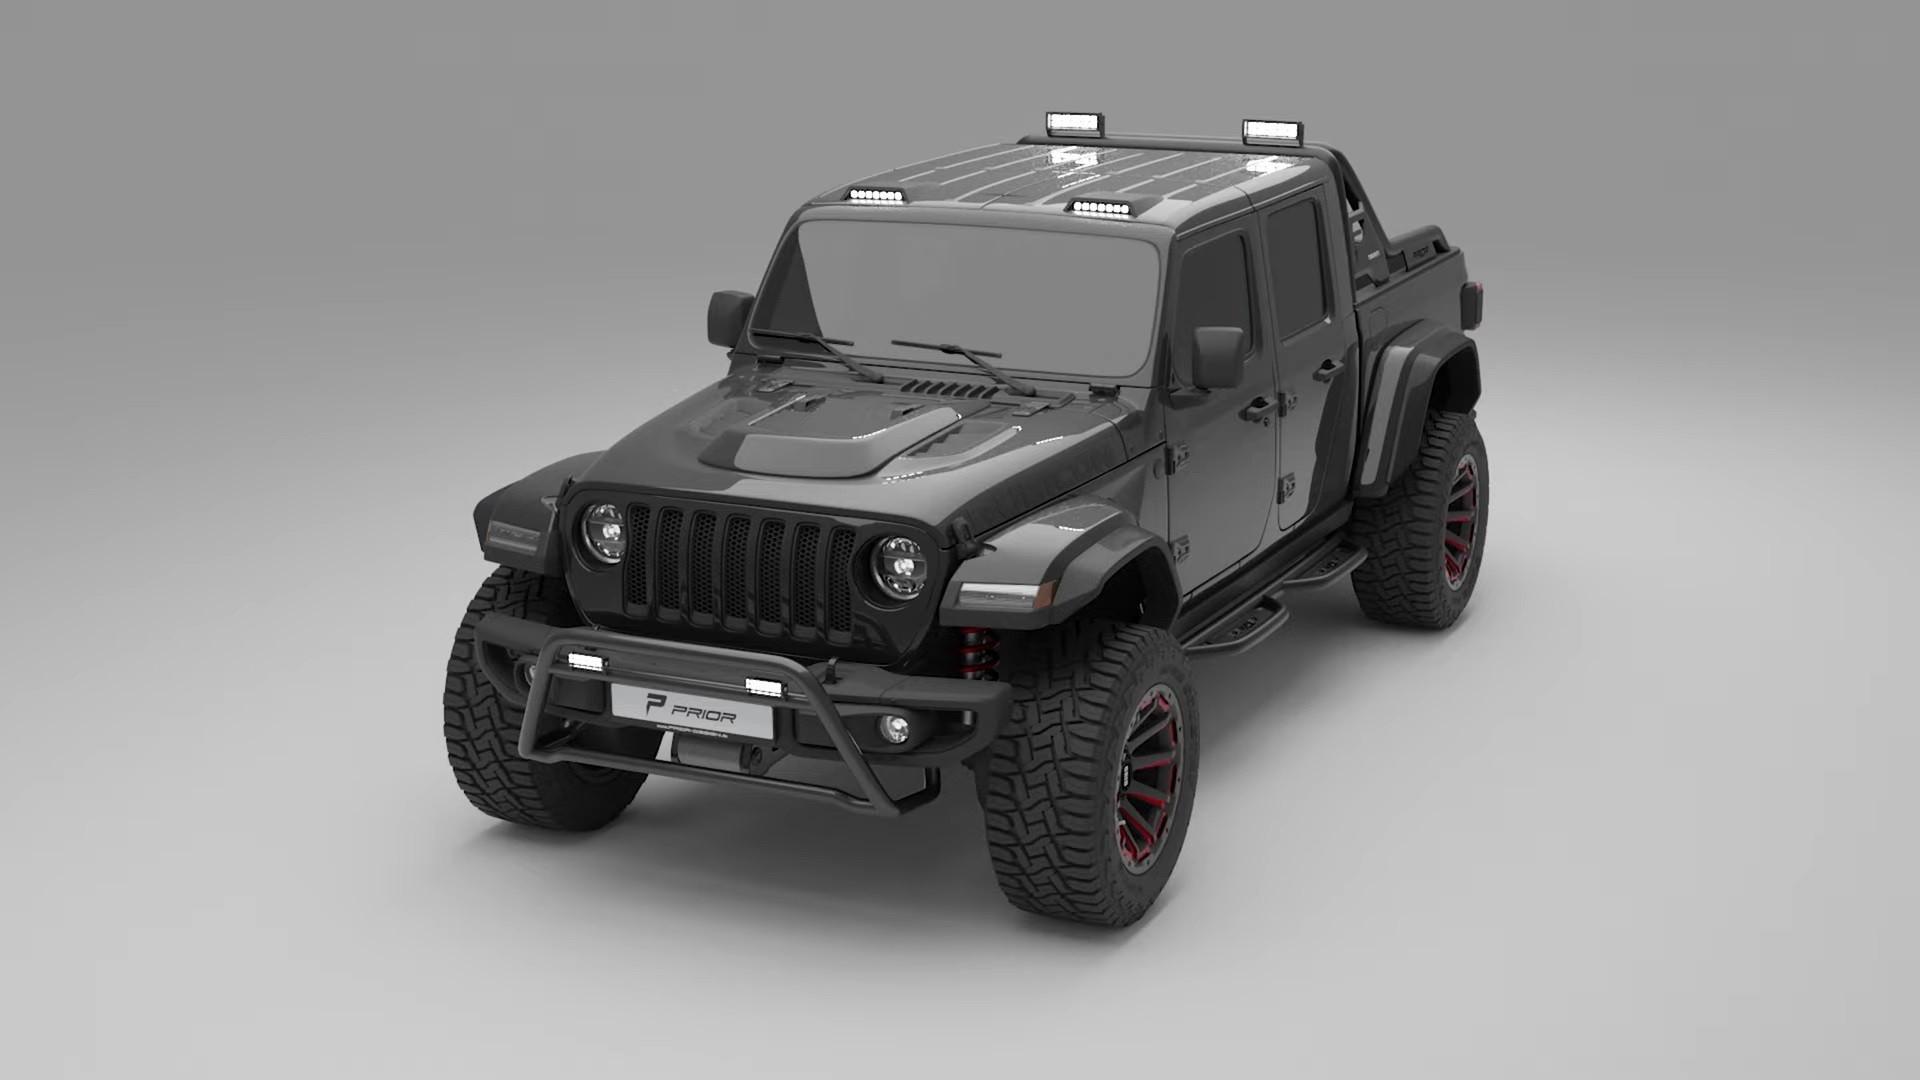 Jeep_Gladiator_Rubicon_by_Prior_Design-0001